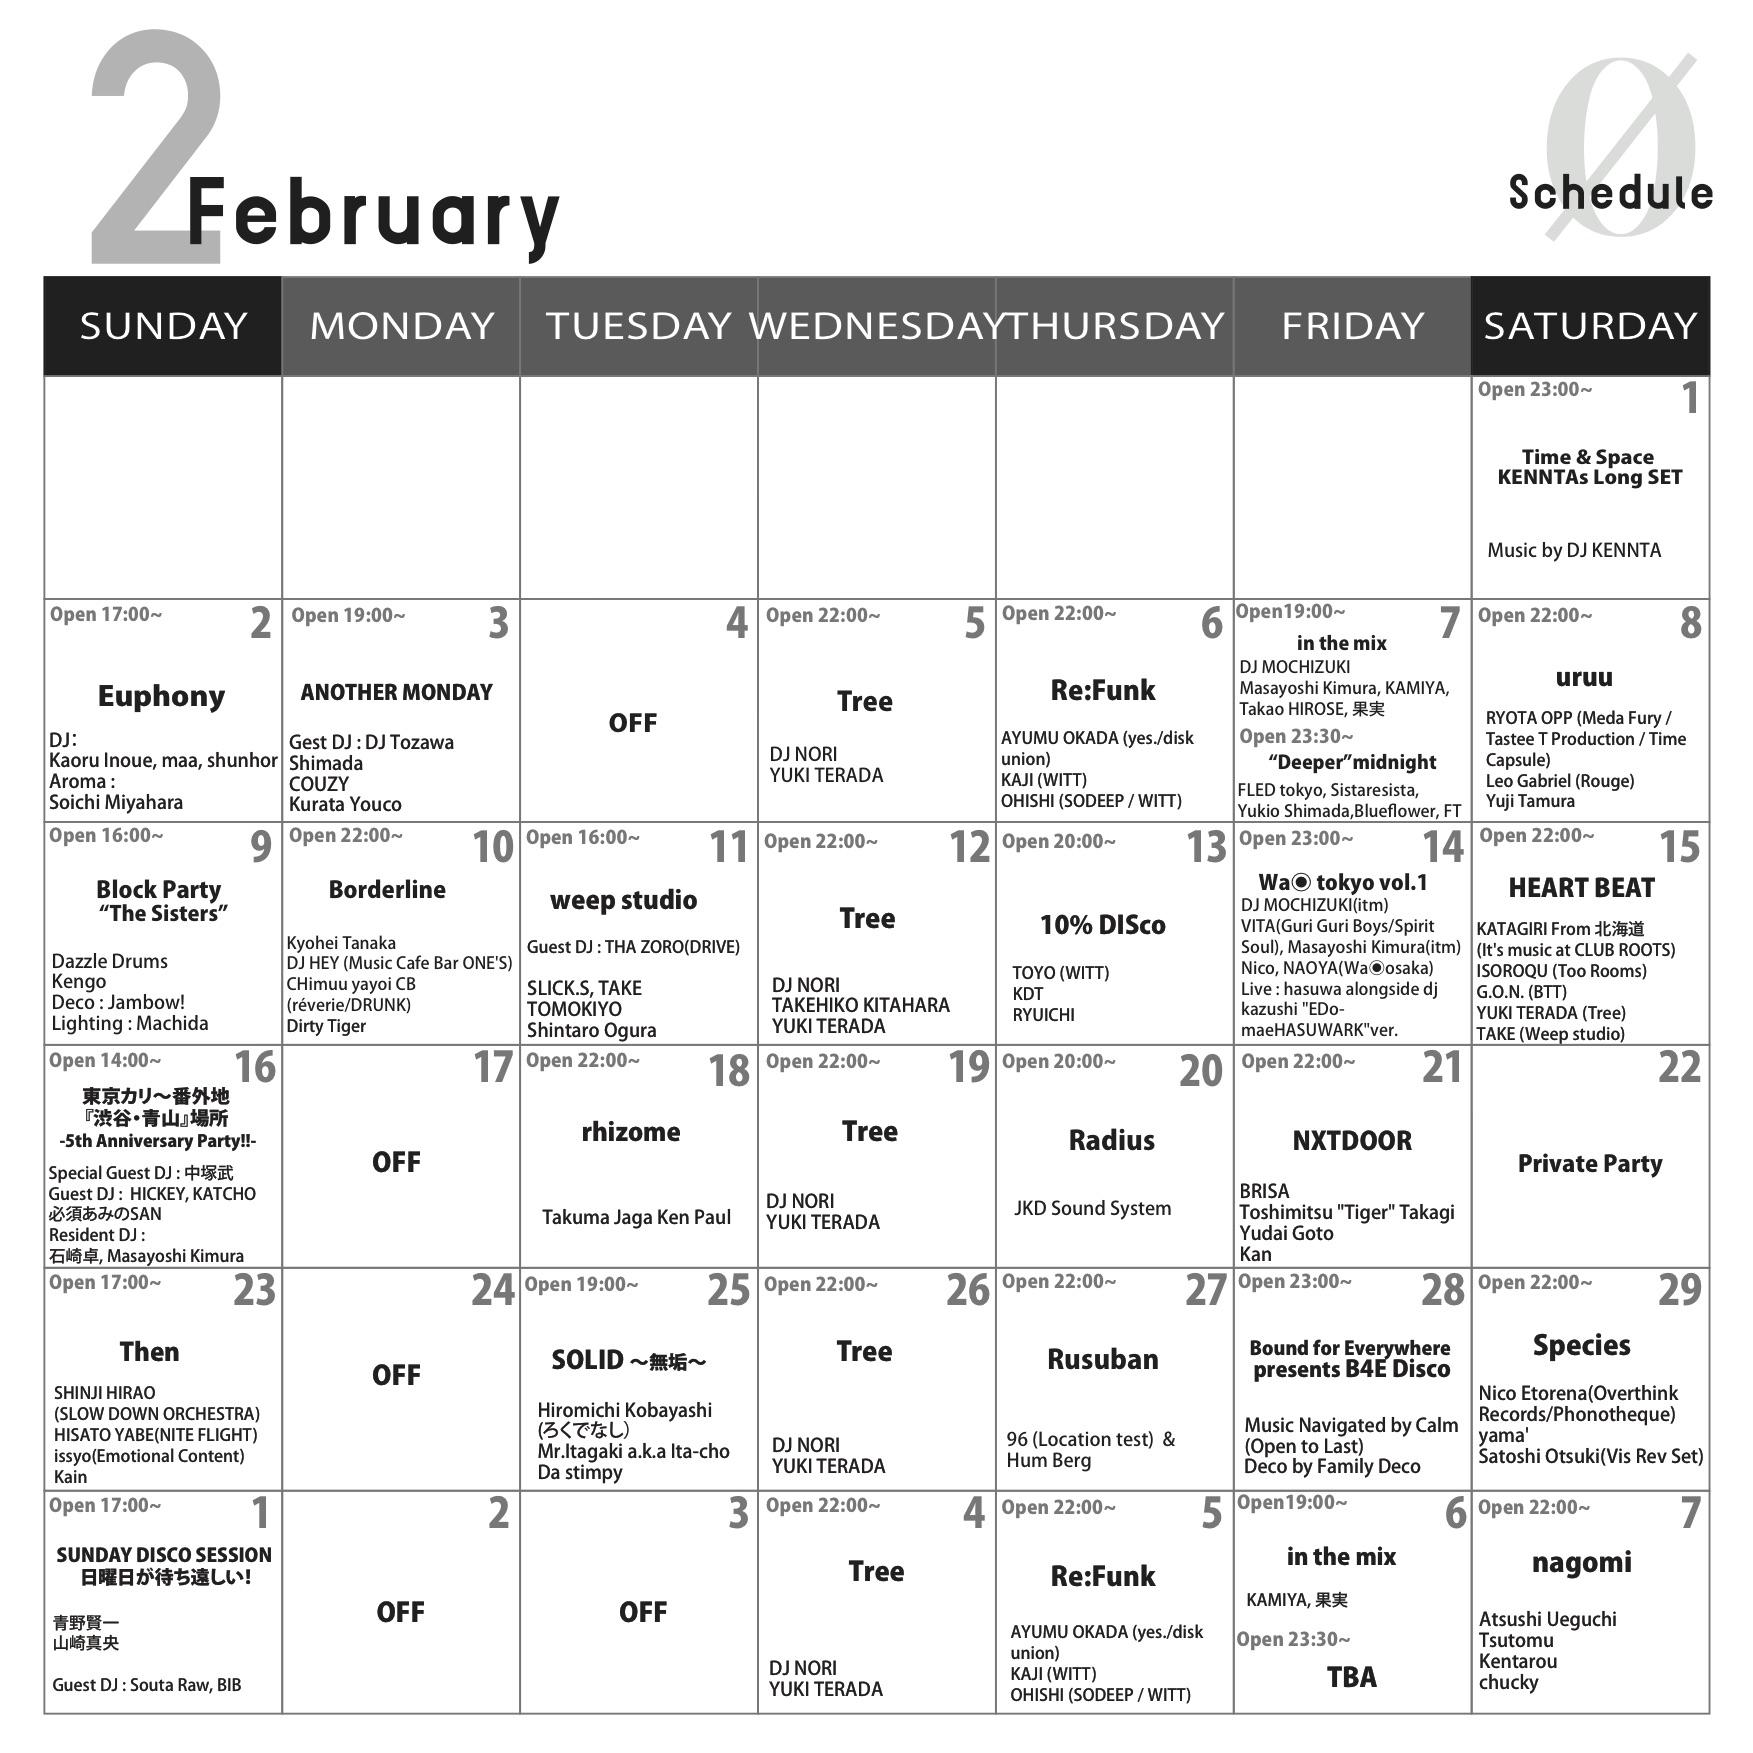 CLUB SCHEDULE < February>